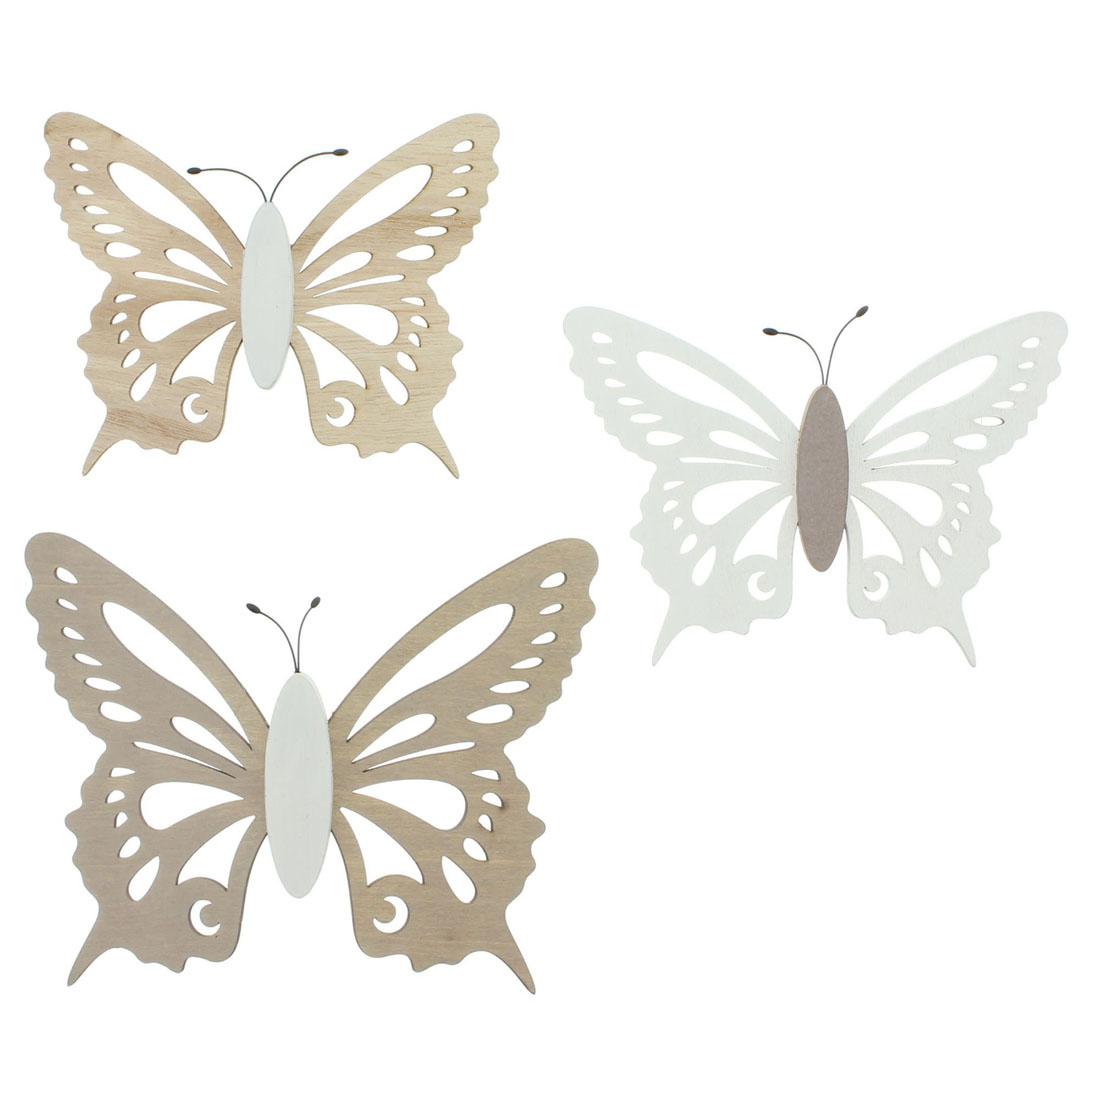 """Подвесные украшения """"Бабочки"""", 3 штуки [06603],"""